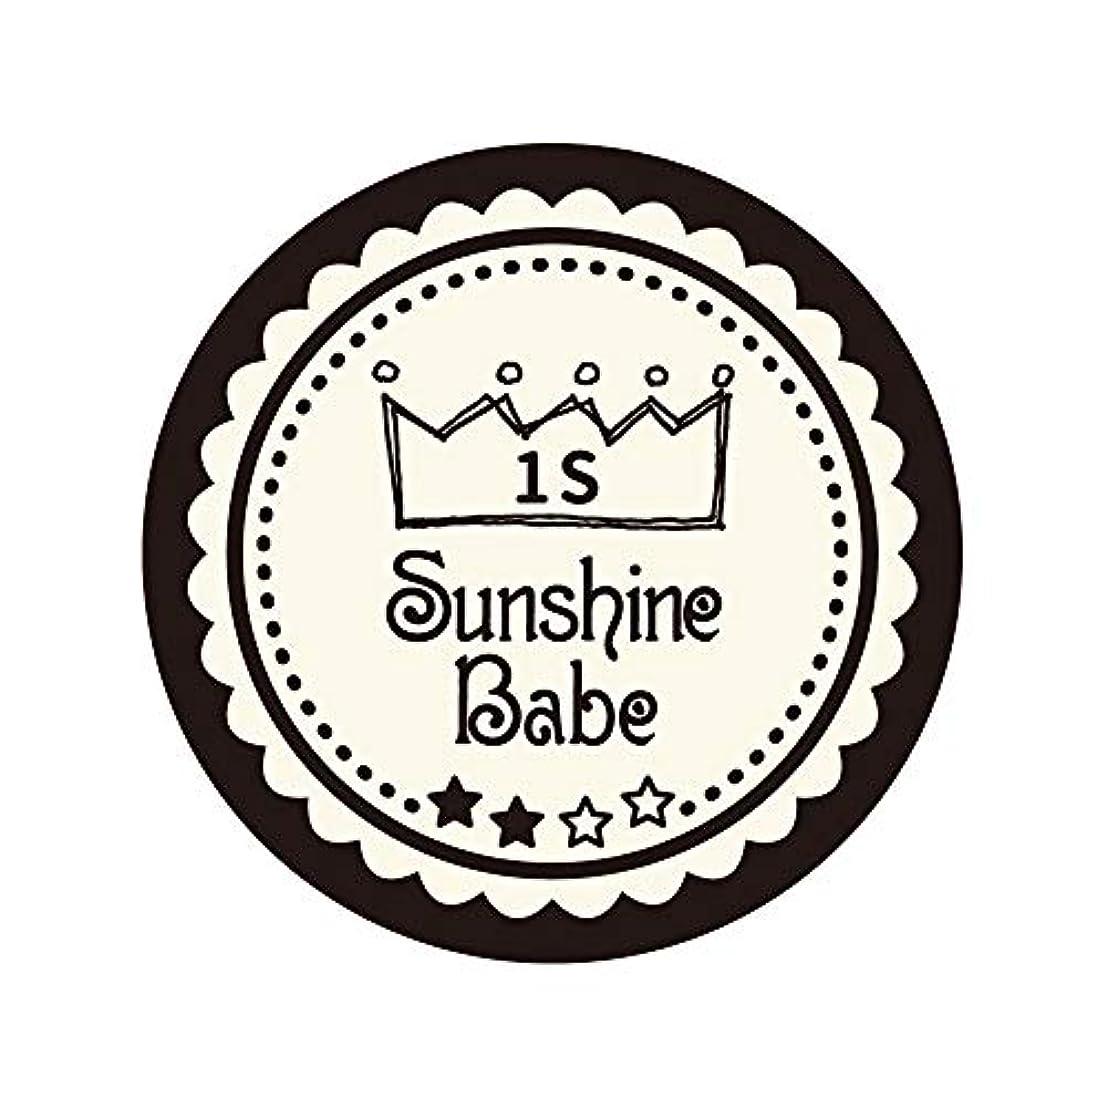 探す約かまどSunshine Babe コスメティックカラー 1S ココナッツミルク 4g UV/LED対応タイオウ